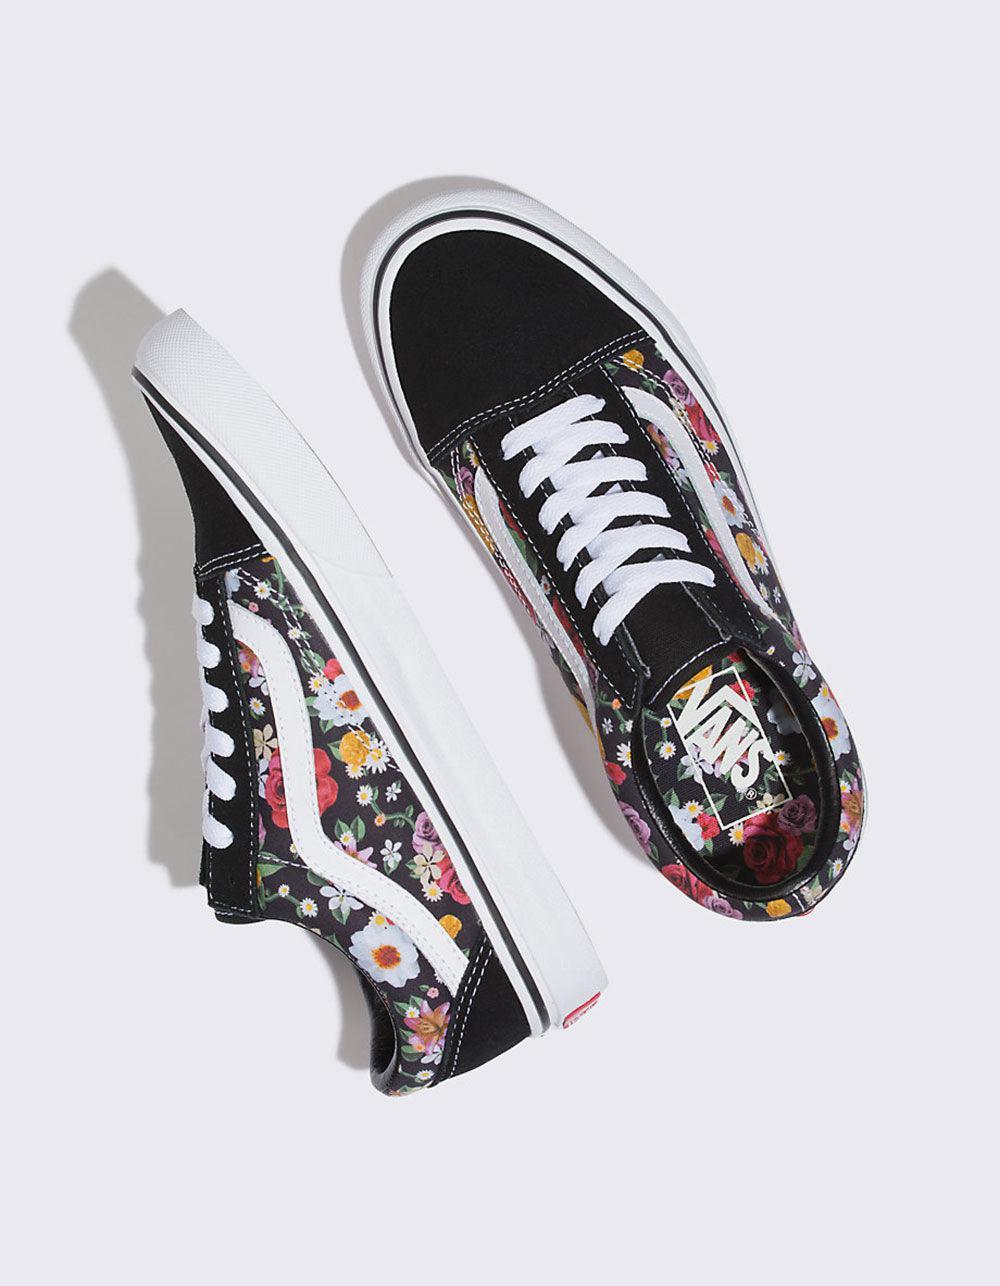 587b4dd3a21 Lyst - Vans Ua Old Skool Lux Floral Sneaker in Black - Save 63%